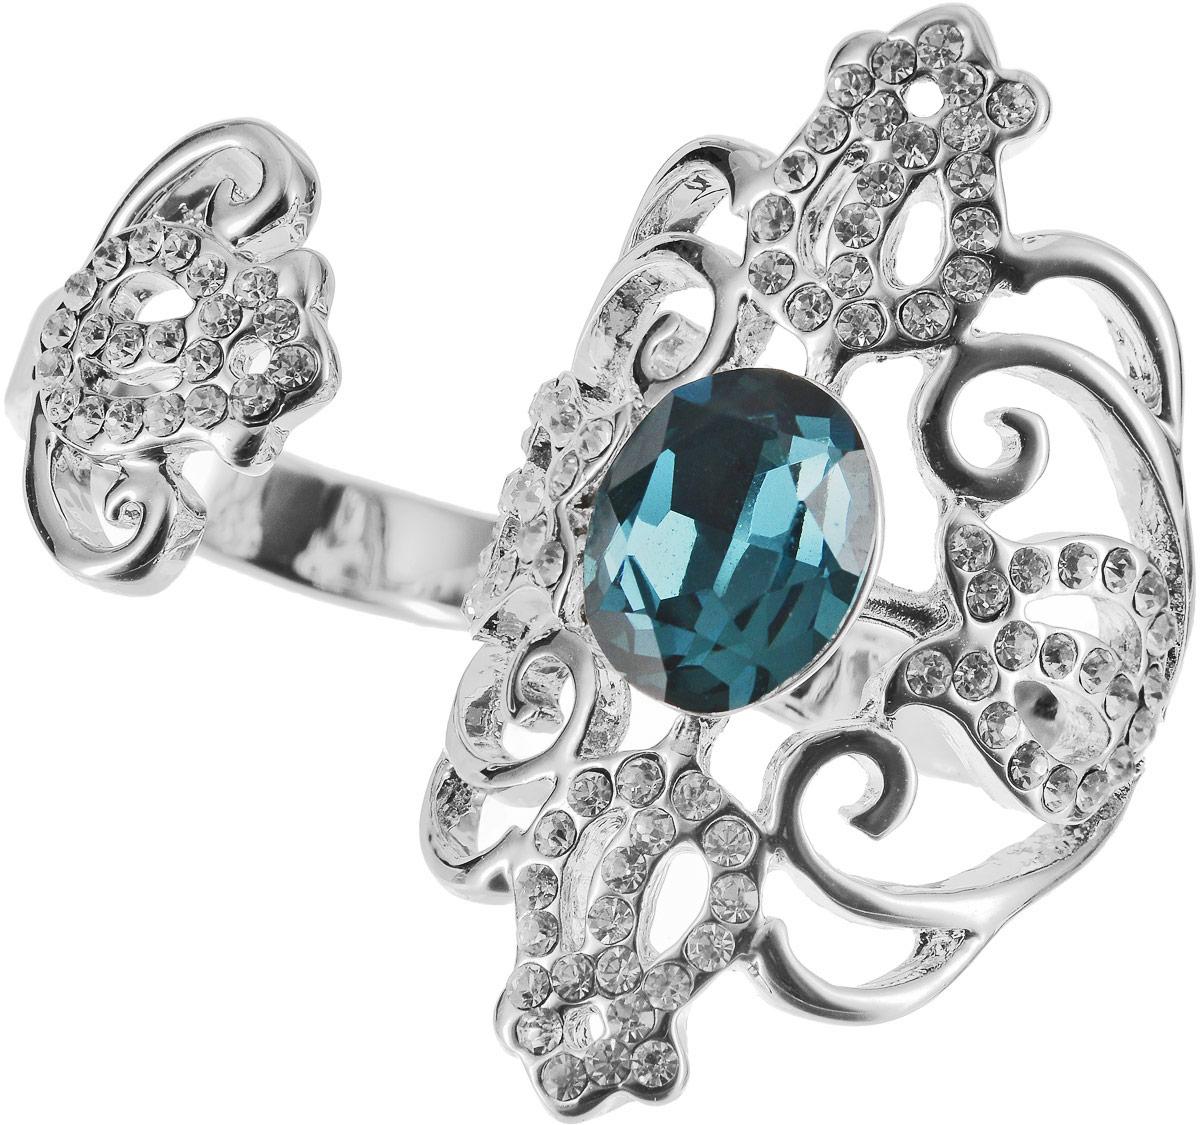 Кольцо Art-Silver, цвет: серебряный, бирюзовый. 06816-1319. Размер 17,506816-1319Оригинальное кольцо Art-Silver выполнено из бижутерного сплава с гальваническим покрытием. Кольцо на два пальца украшено декоративными вставками. Элегантное кольцо Art-Silver превосходно дополнит ваш образ и подчеркнет отменное чувство стиля своей обладательницы.